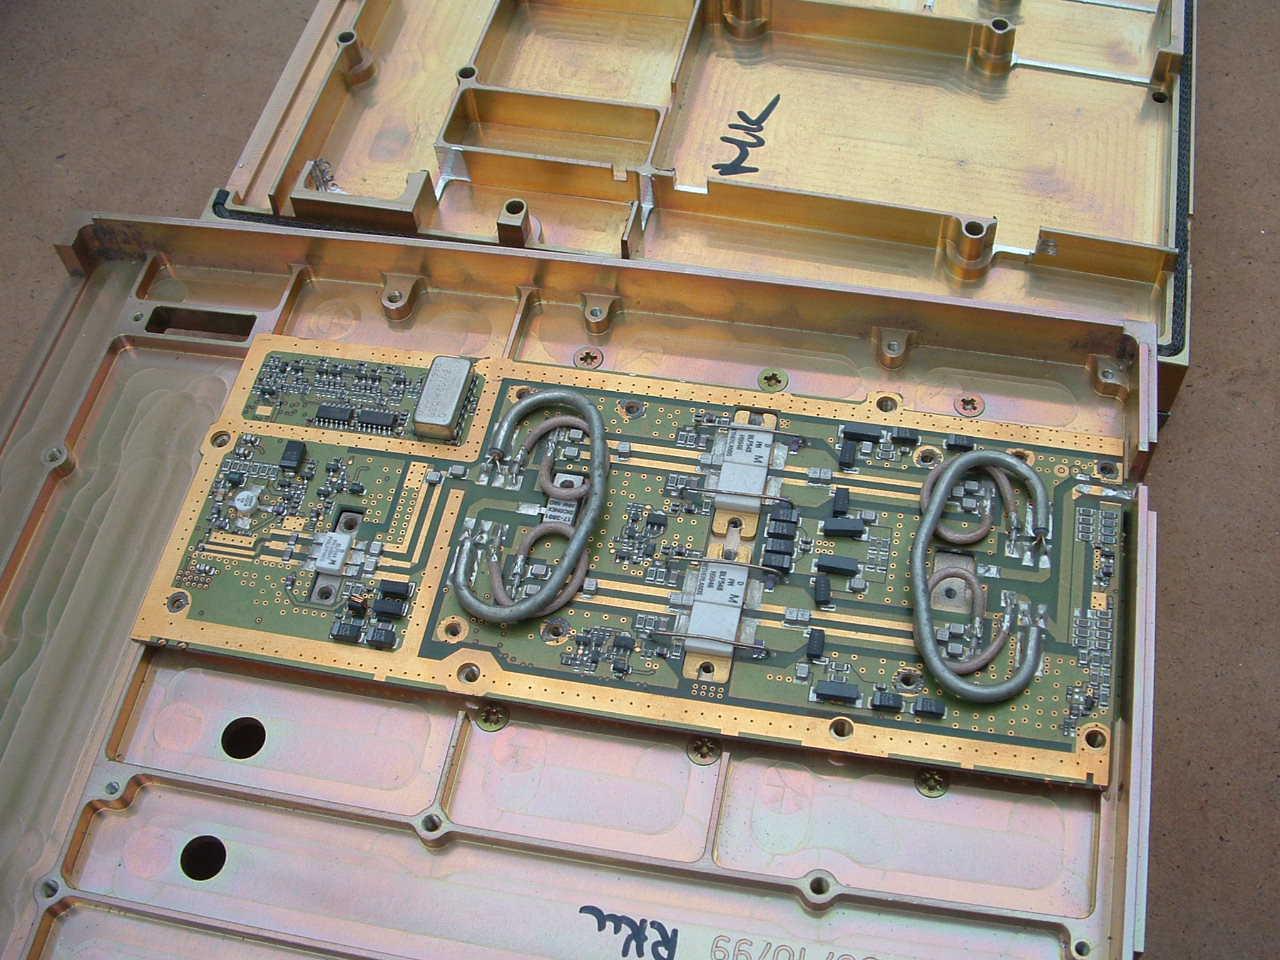 www g3zud com/radio_project/70cm_sspa/f013 jpg